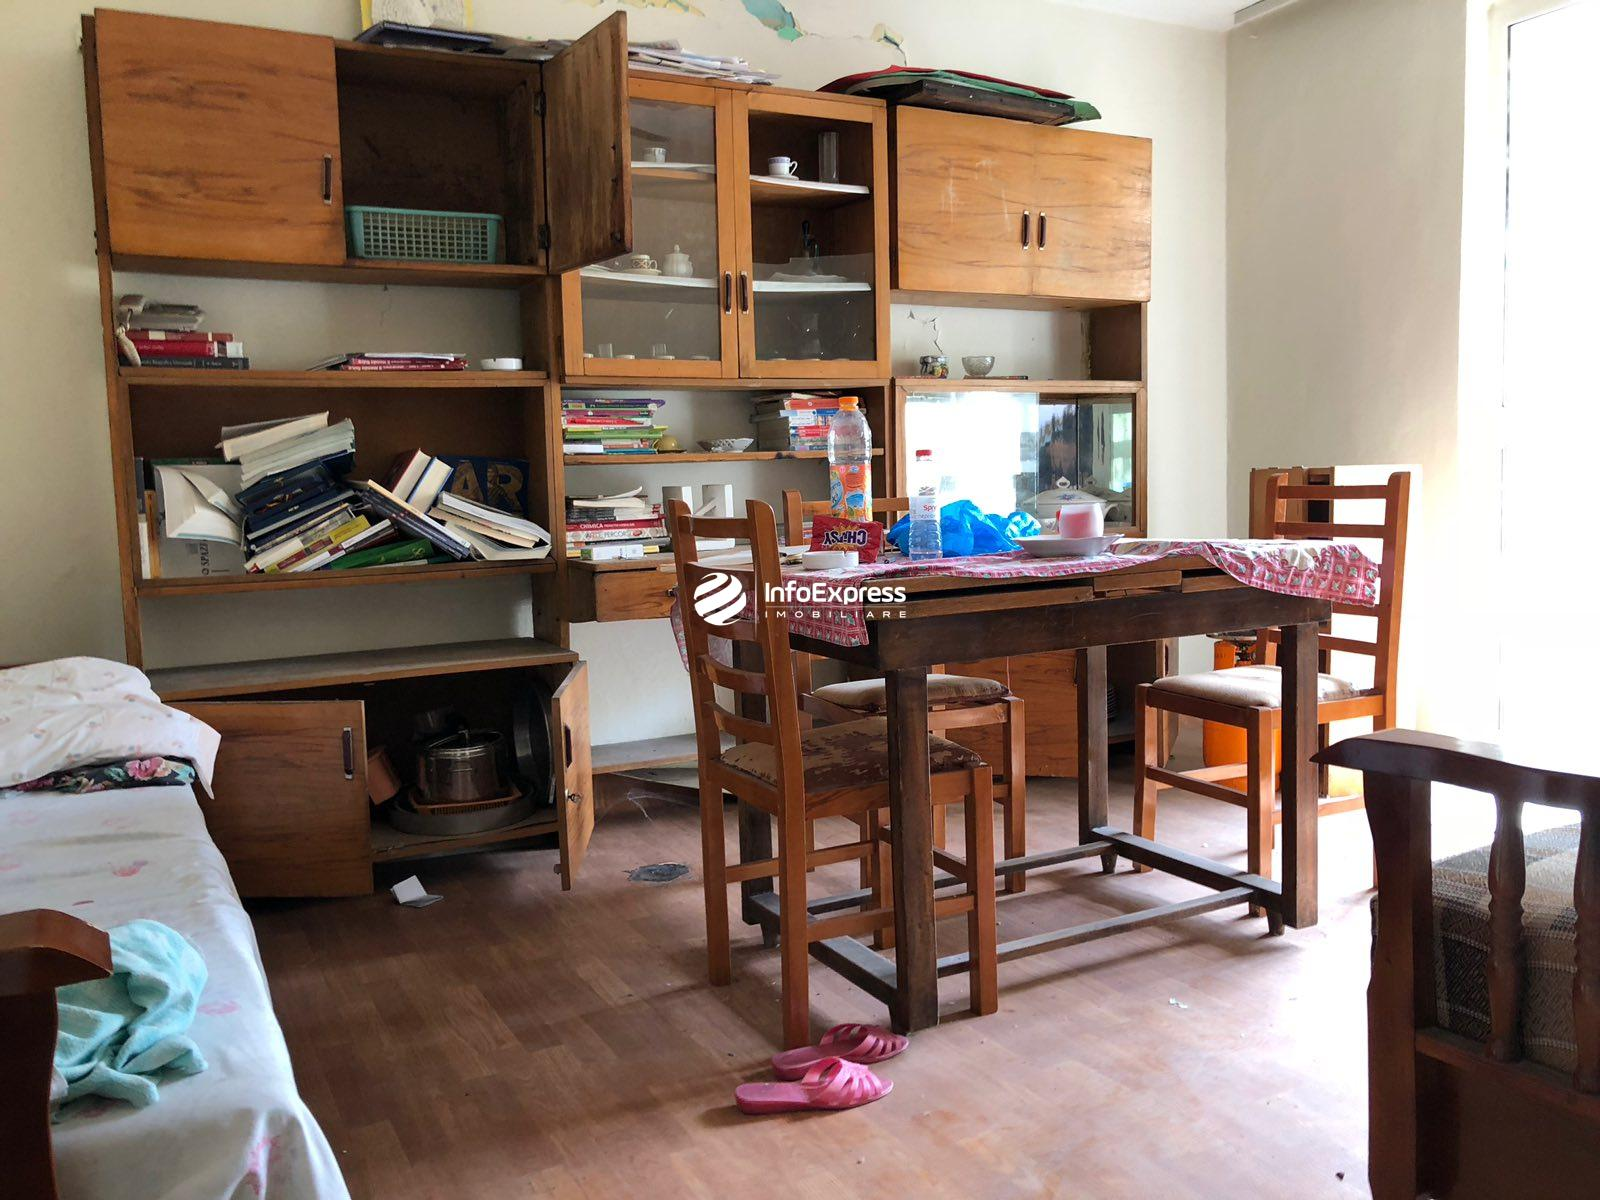 TRR-0419-1537 Jepet me qera ambient per zyra ndodhet ne Bulevardin Gjergj Fishta, shume prane Gjykates se rrethit.